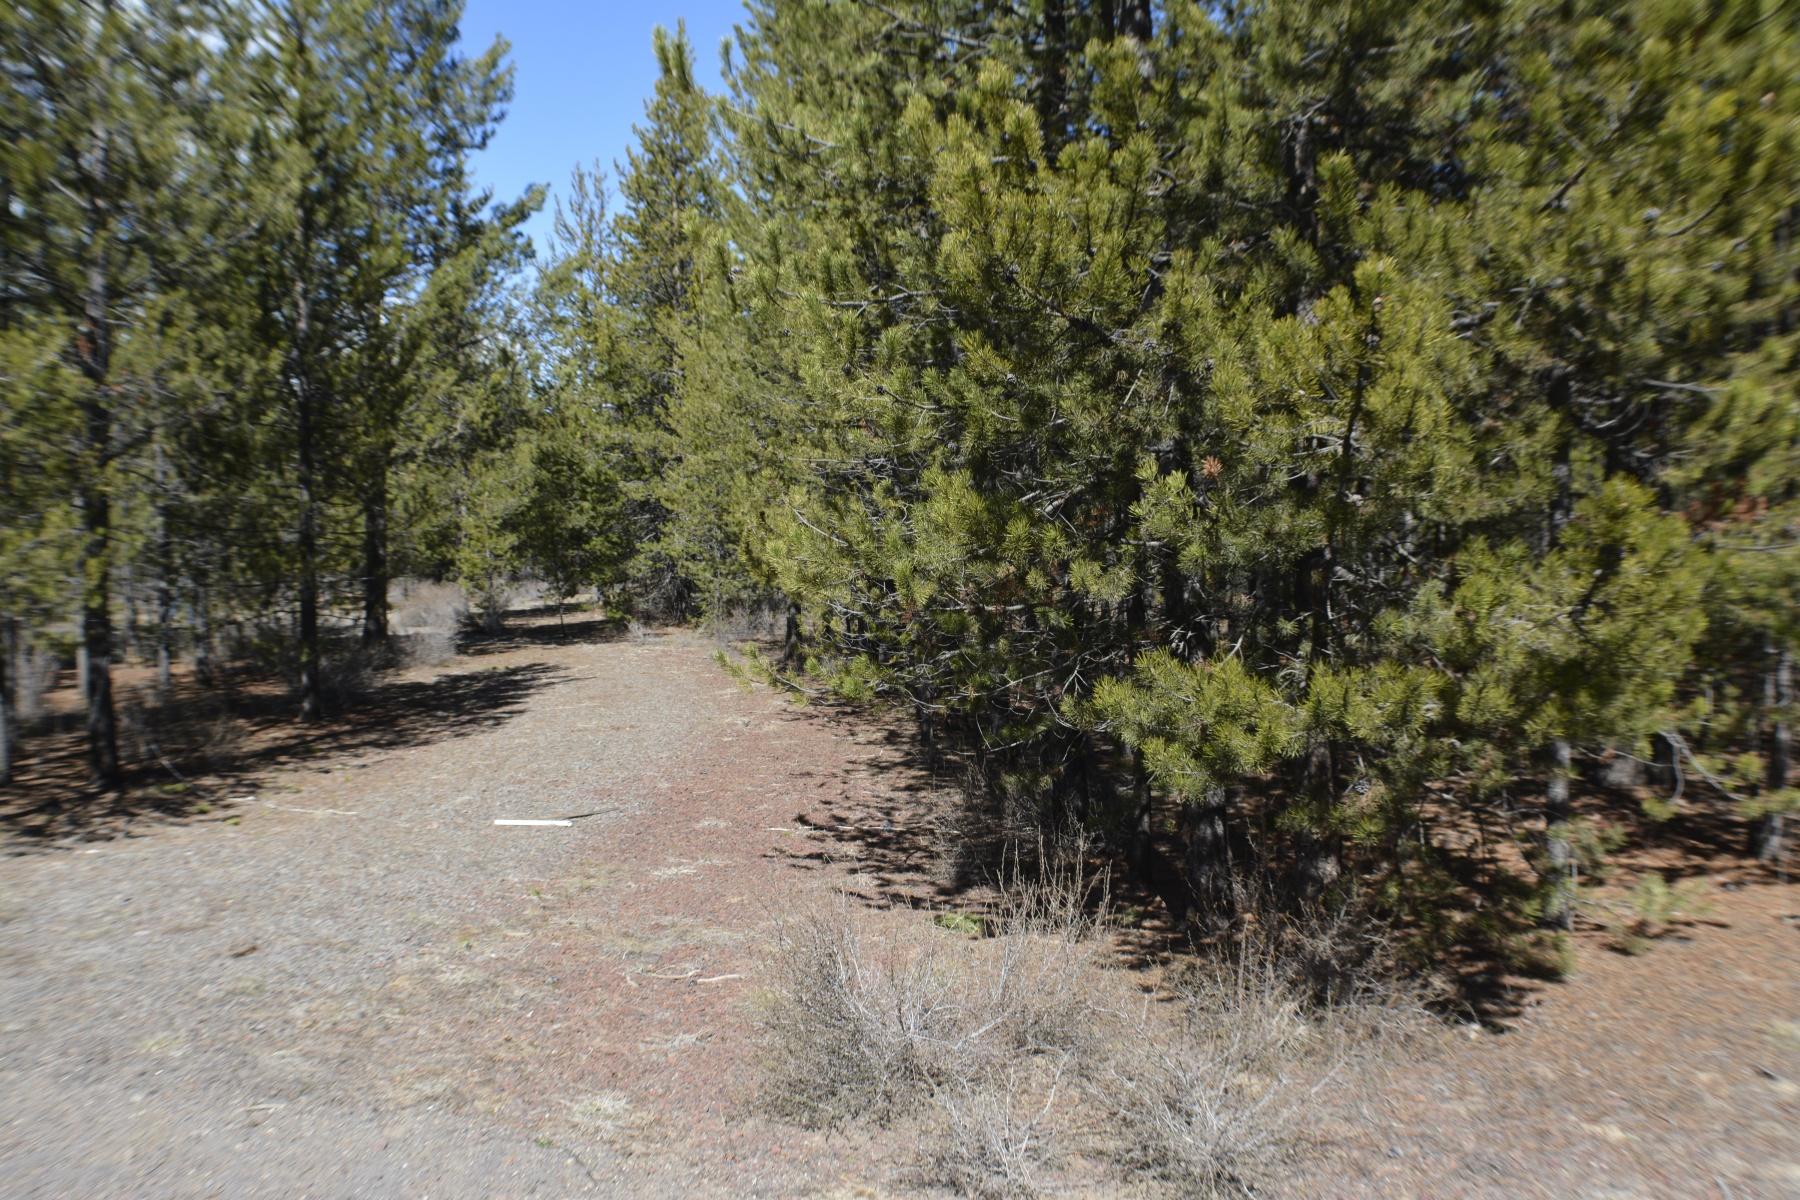 Terreno per Vendita alle ore 16090 Pine Drop, LA PINE La Pine, Oregon, 97739 Stati Uniti